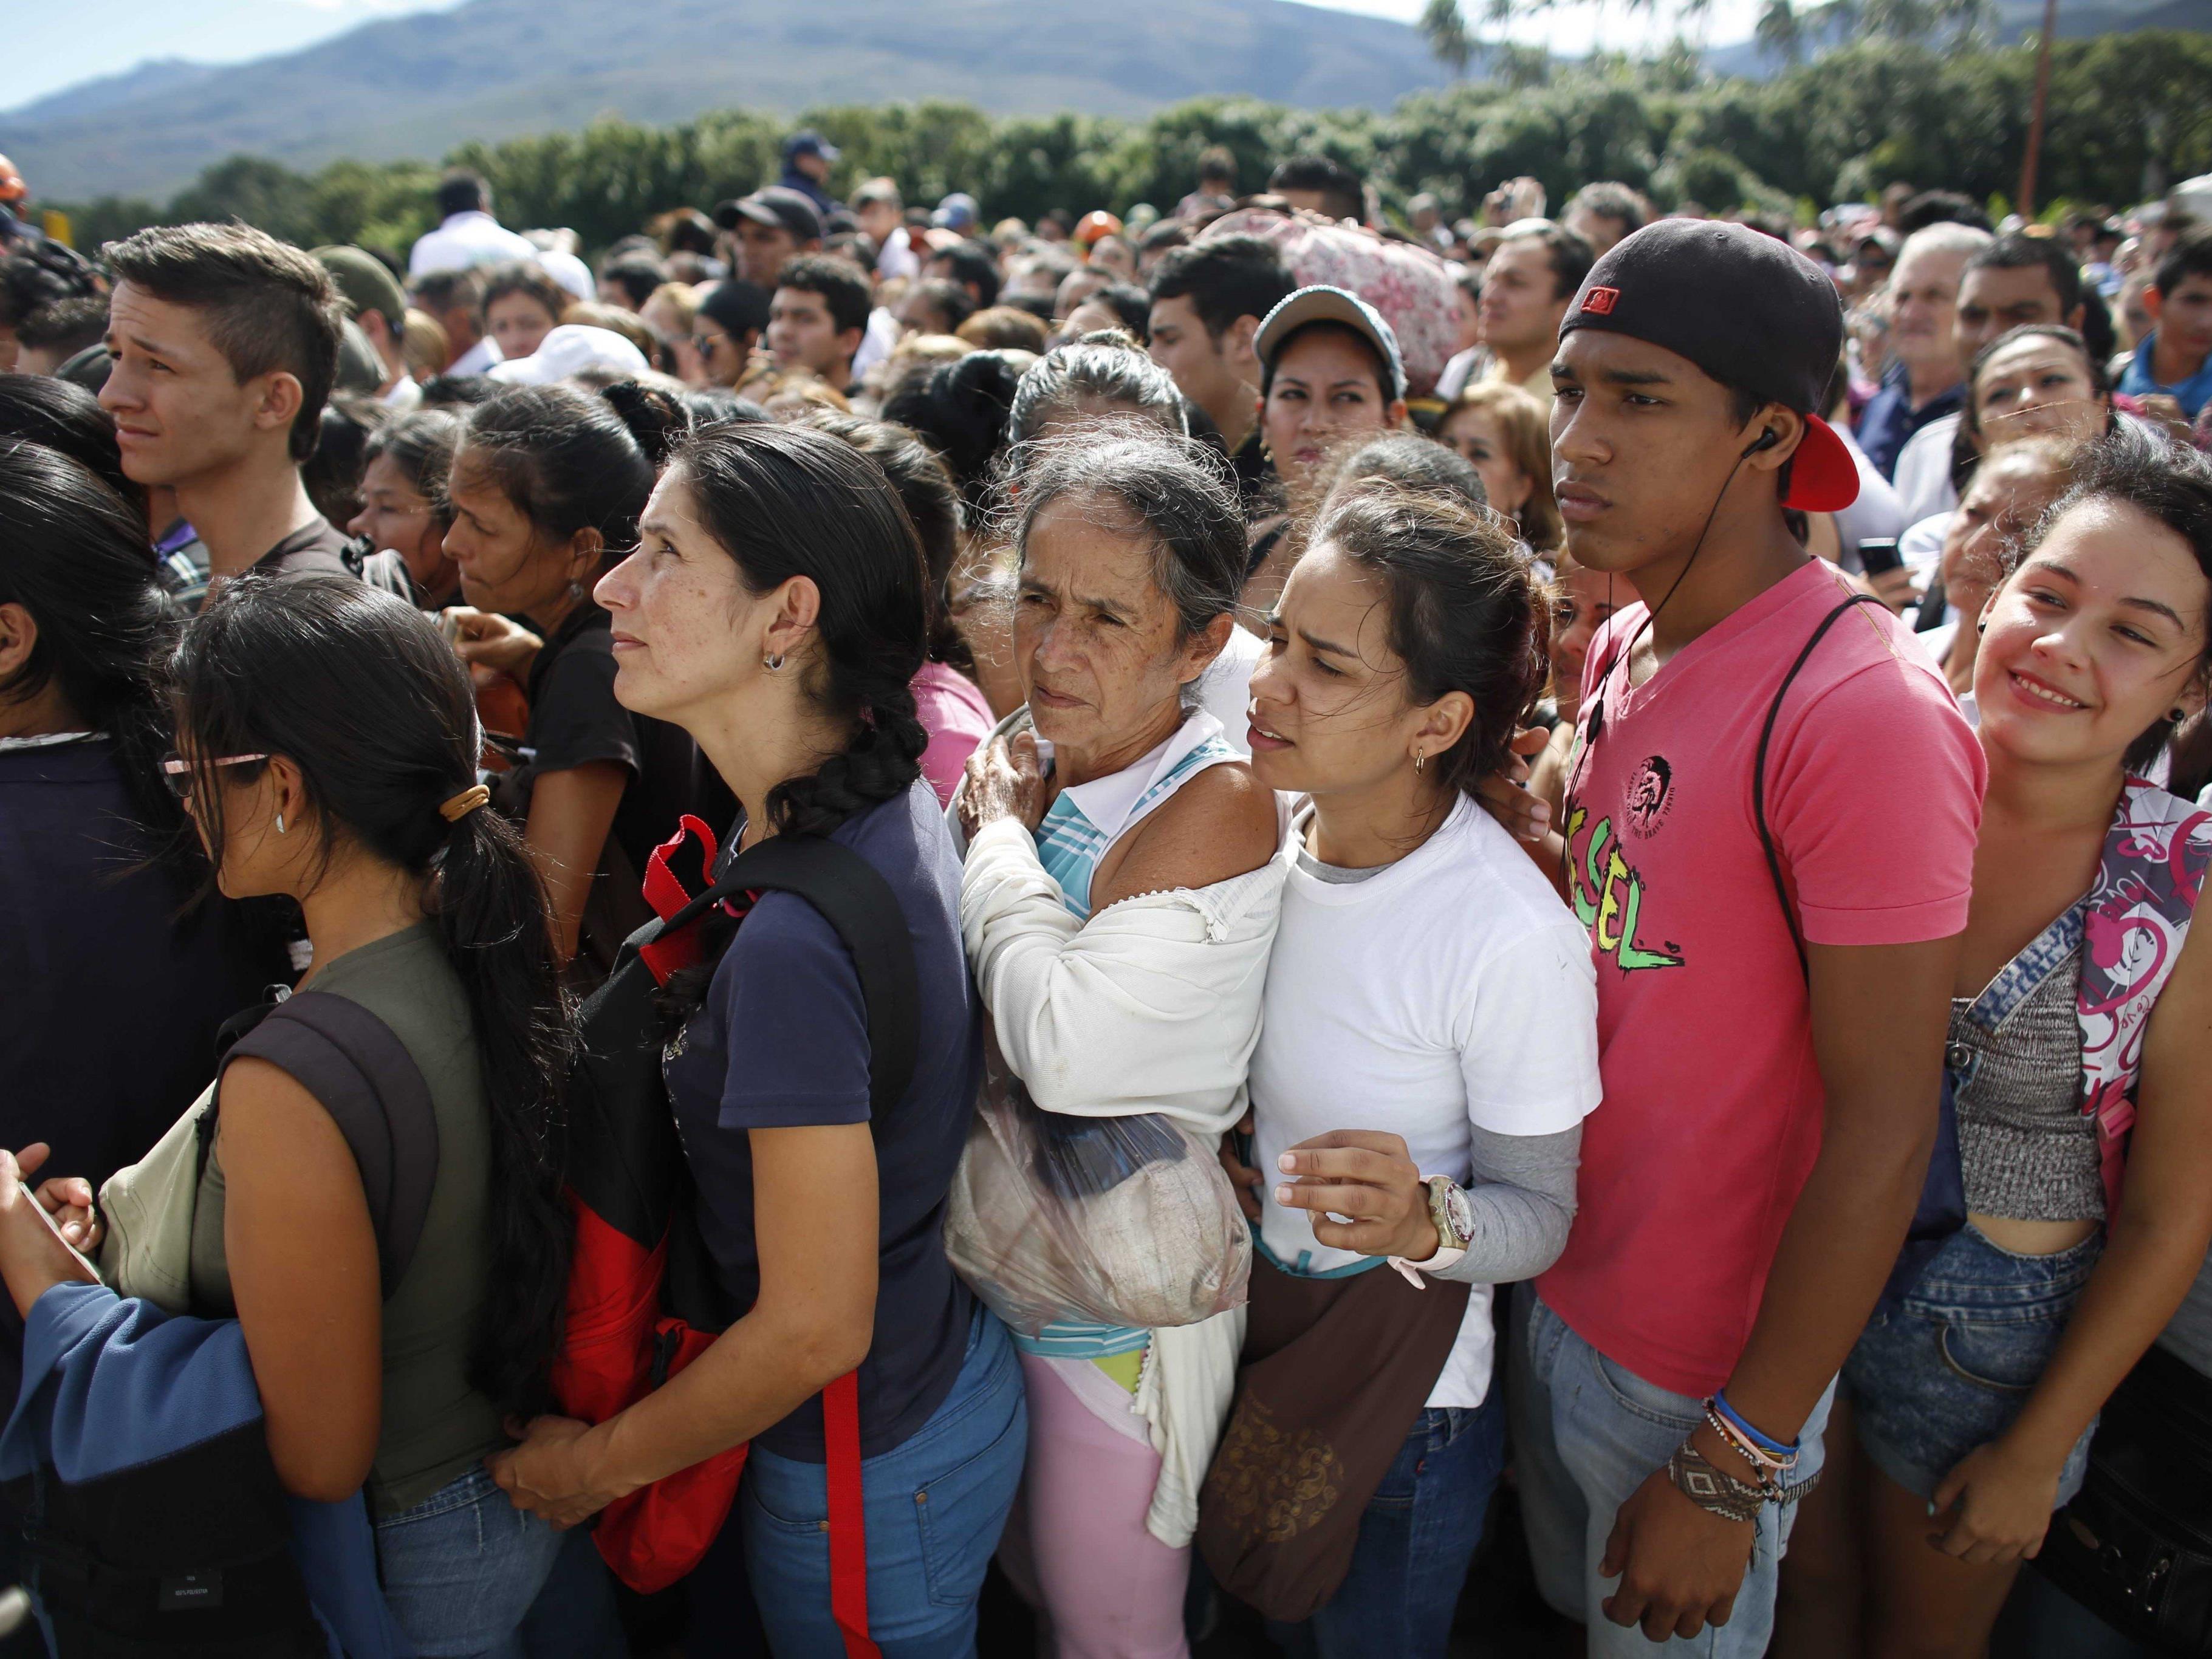 Kolumbien hatte seine Grenzen geöffnet, damit Venezolaner einkaufen konnten